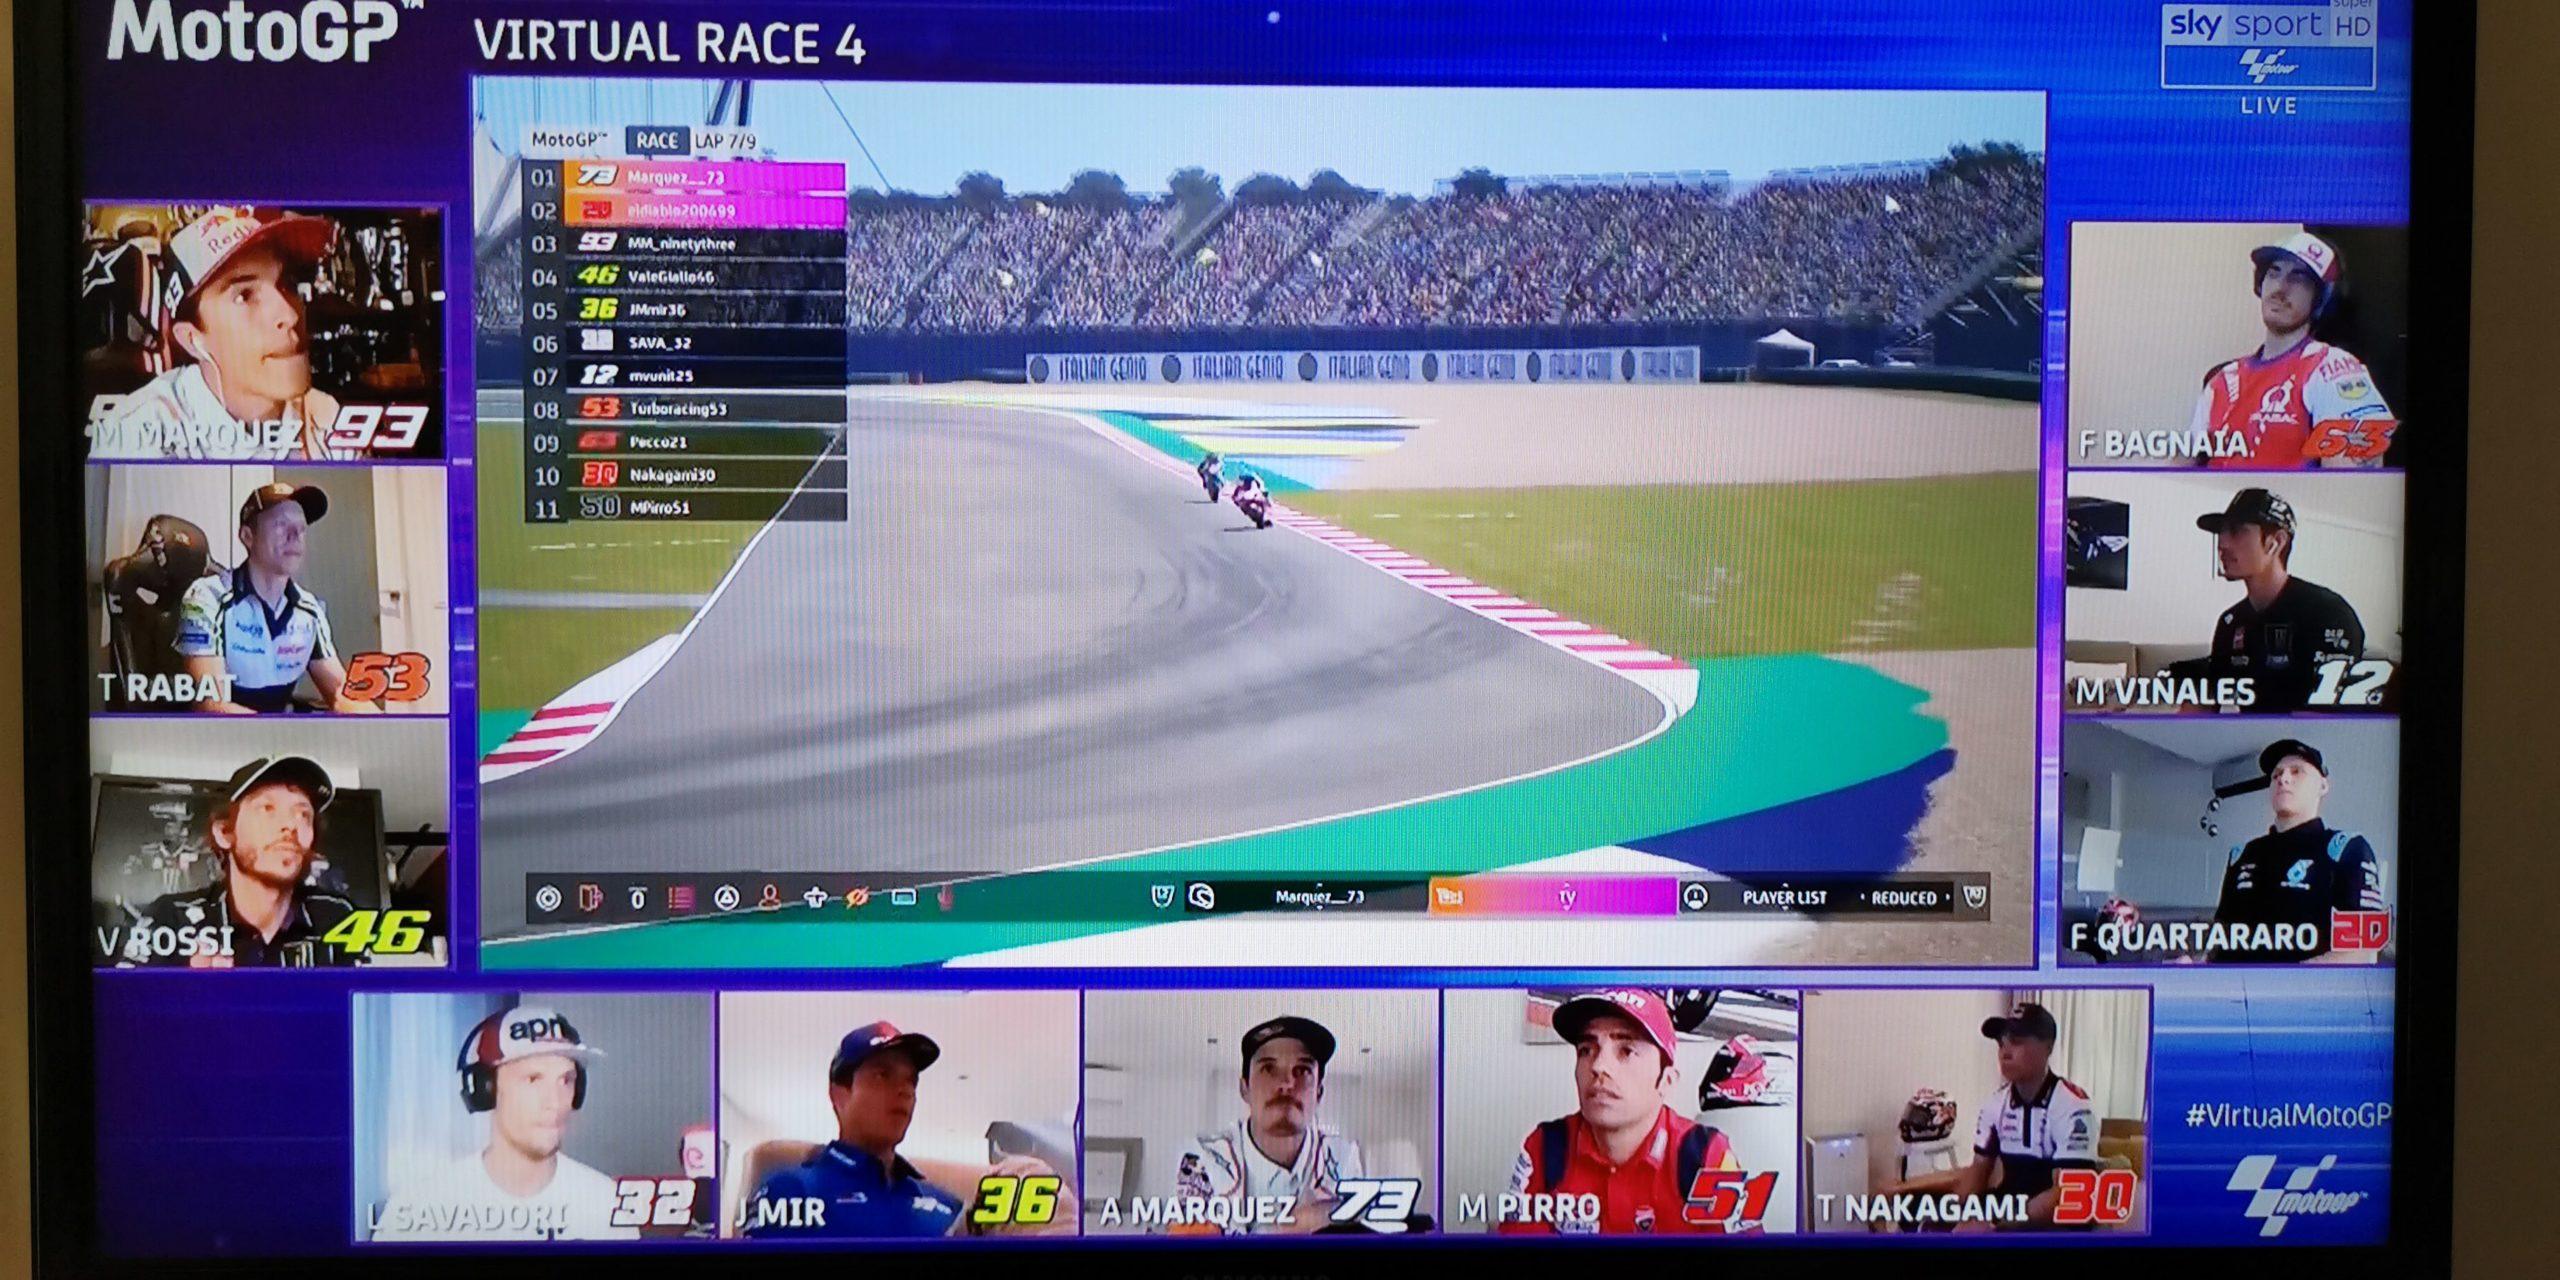 MotoGP Virtuale 2020: i risultati di Silverstone